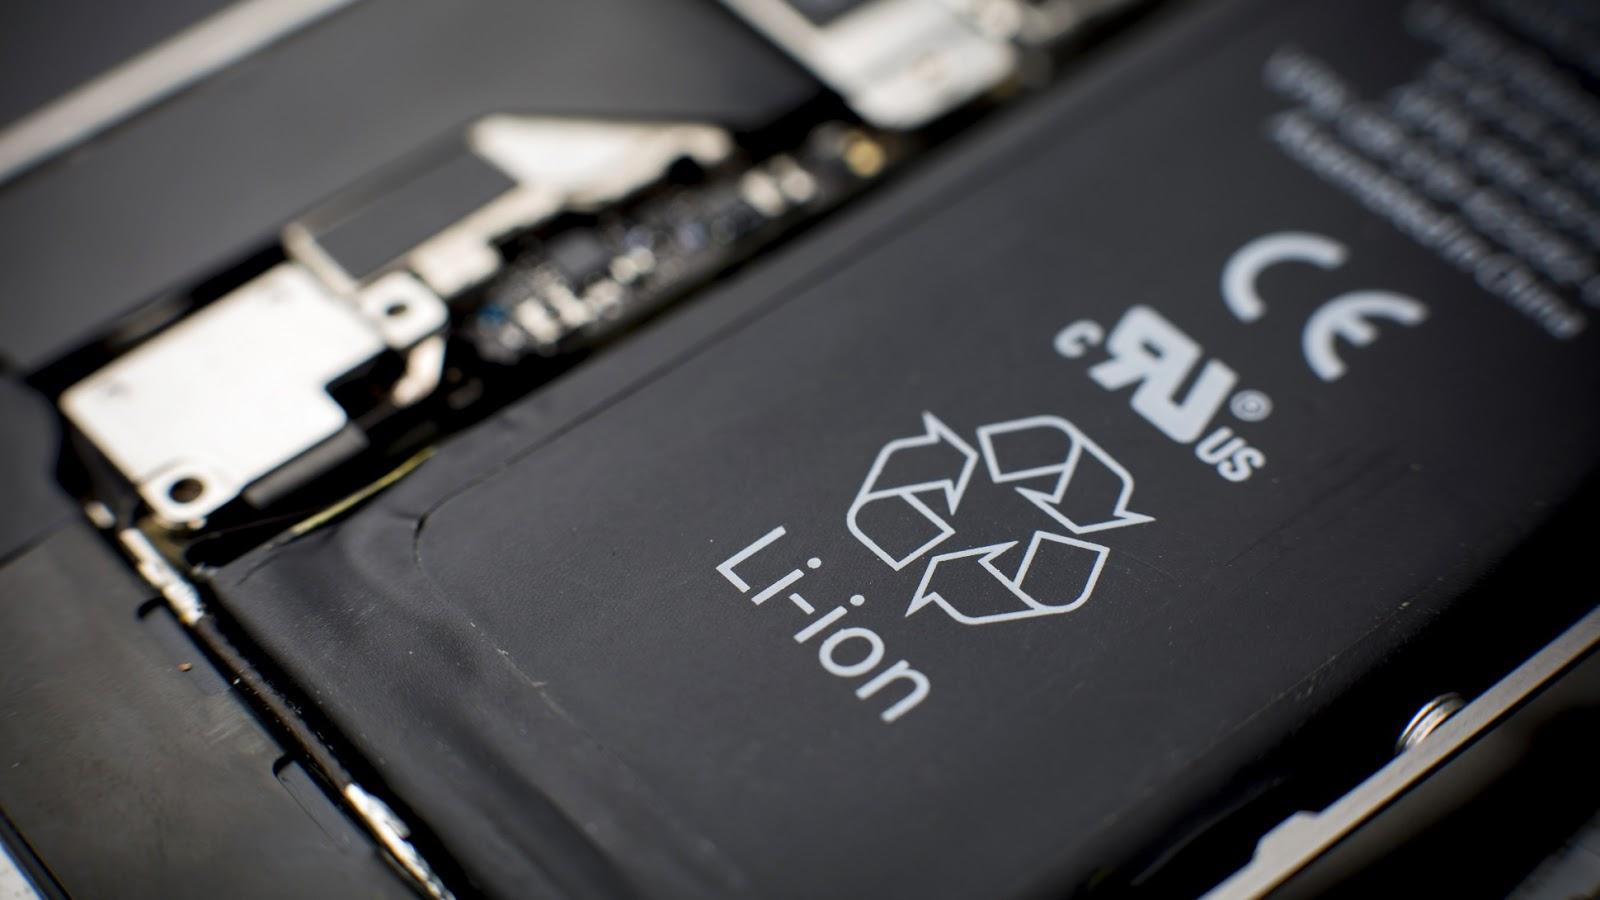 SolidEnergy este un startup MIT, care are un proiect de baterie ce ar putea dubla funcţionarea smartphone-urilor